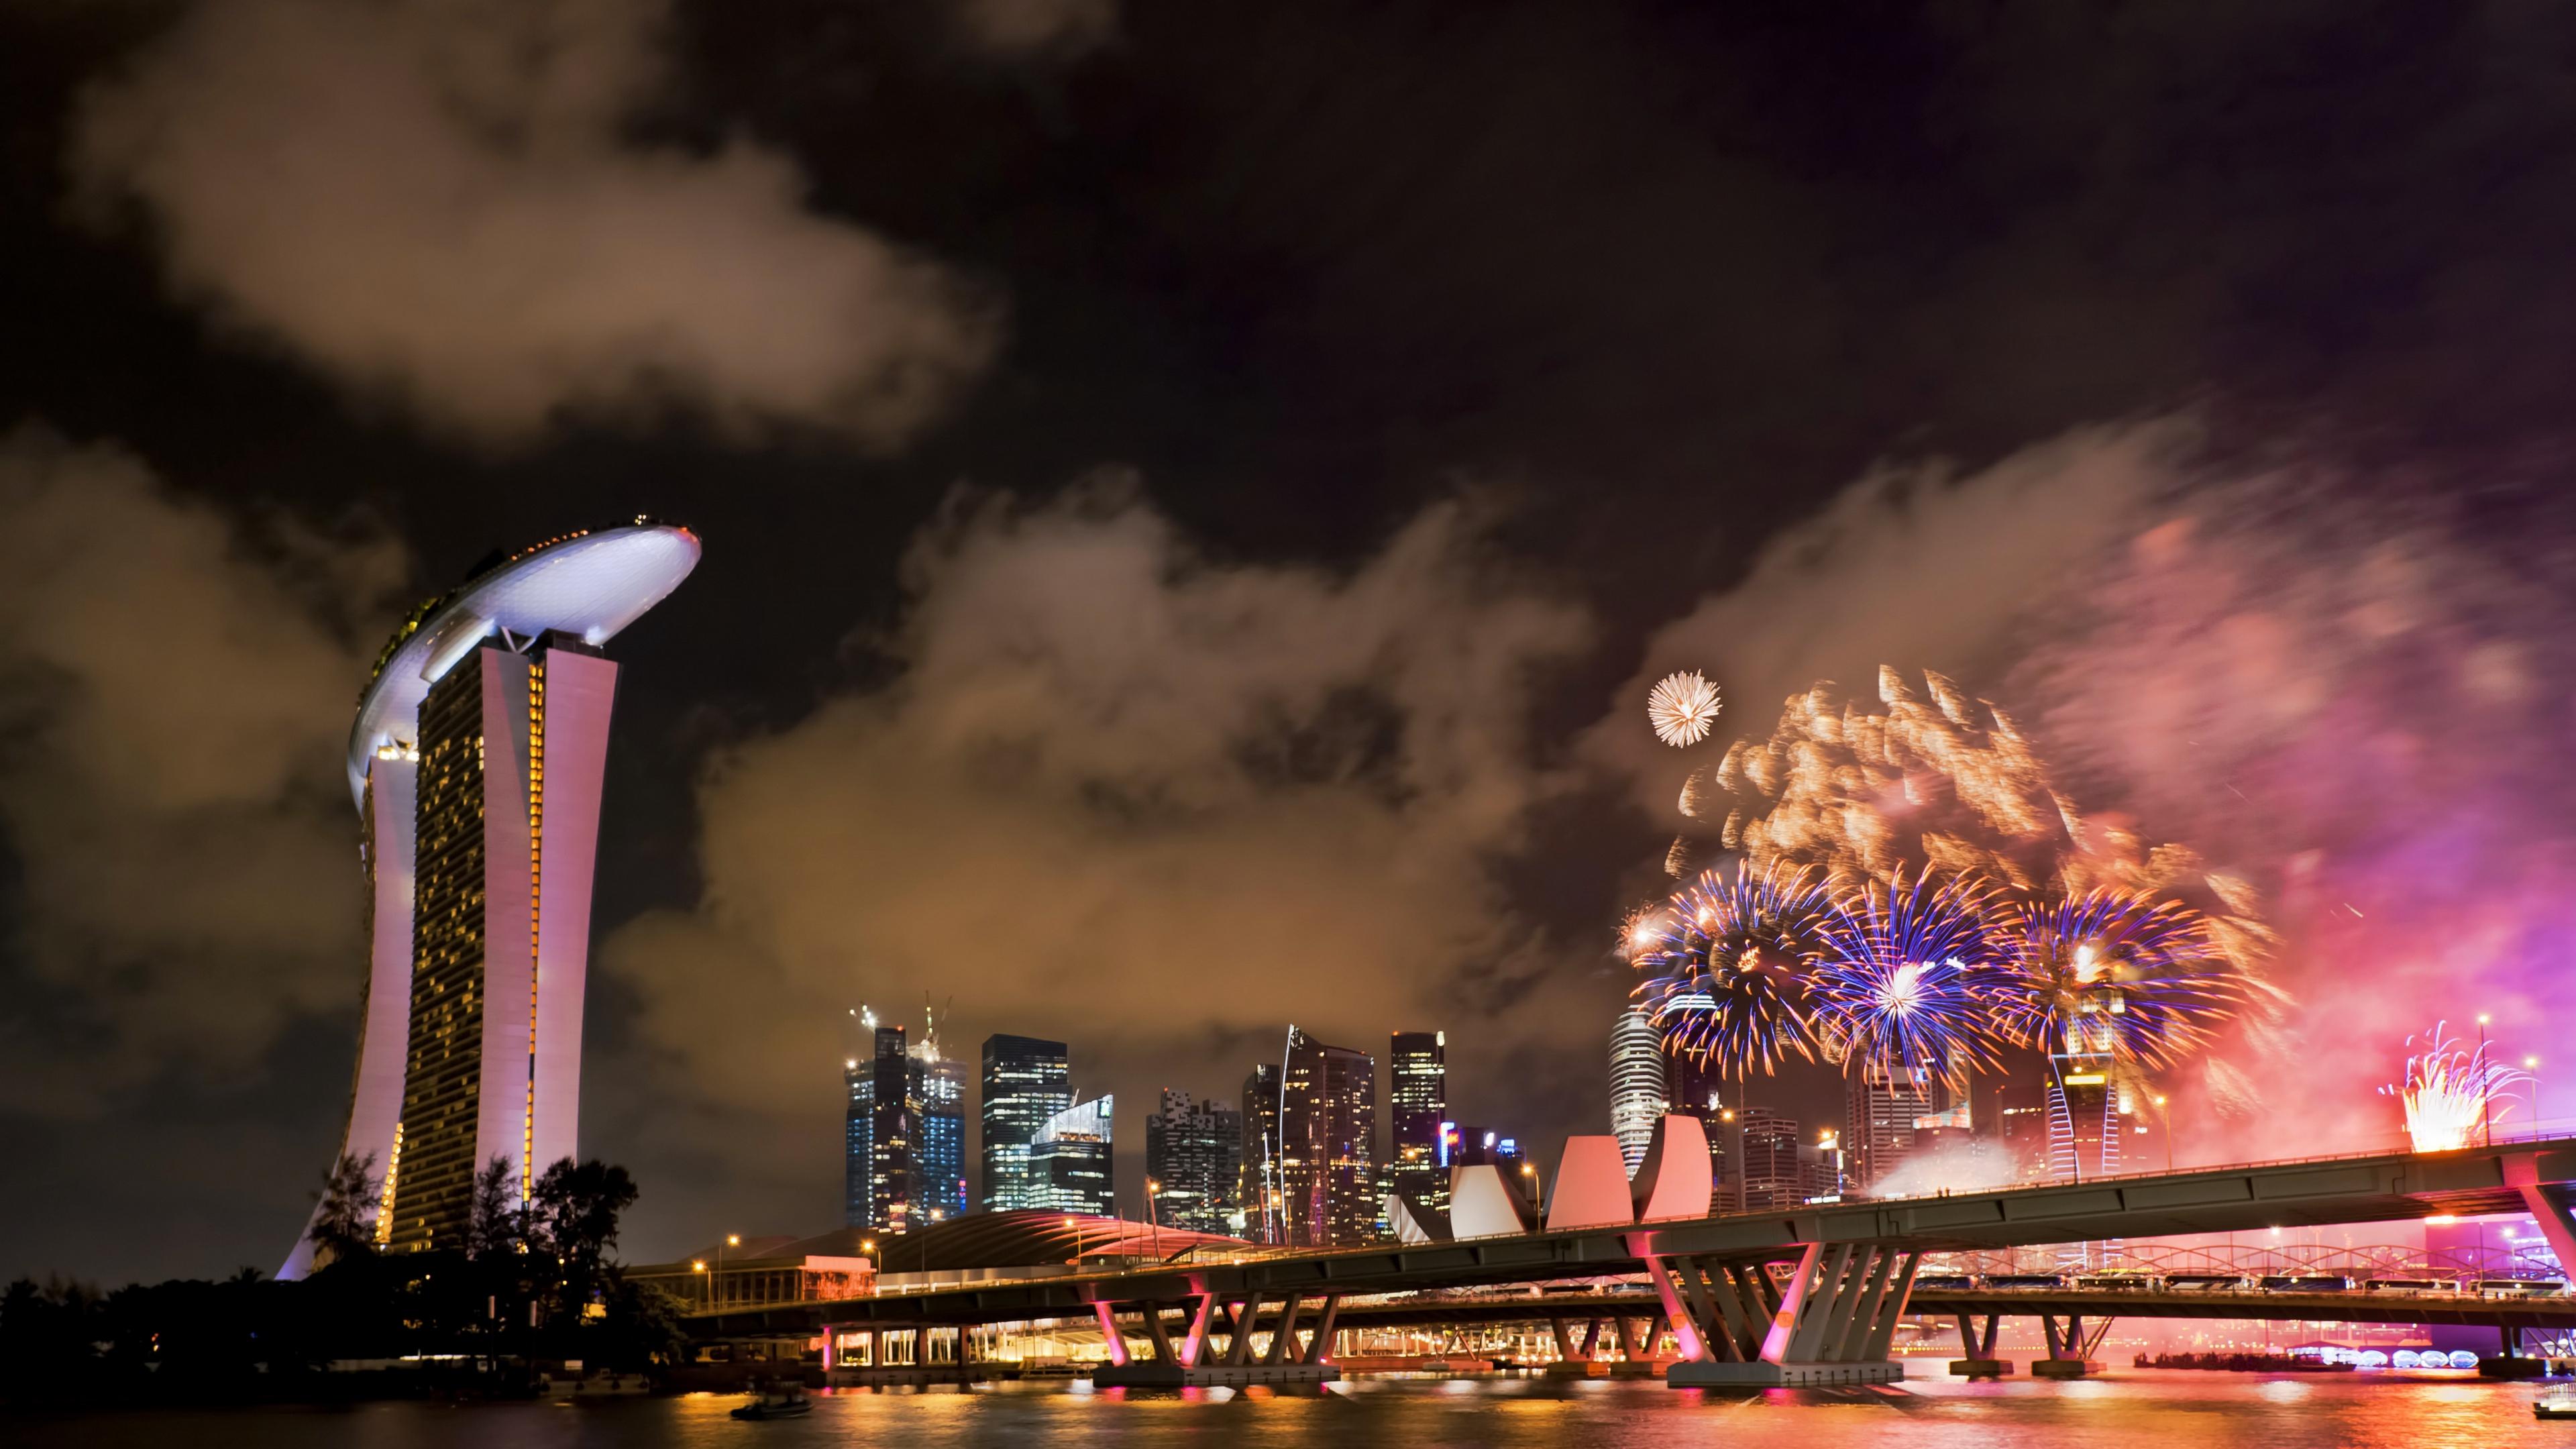 singapore holiday fireworks bridge 4k 1538065015 - singapore, holiday, fireworks, bridge 4k - Singapore, Holiday, Fireworks